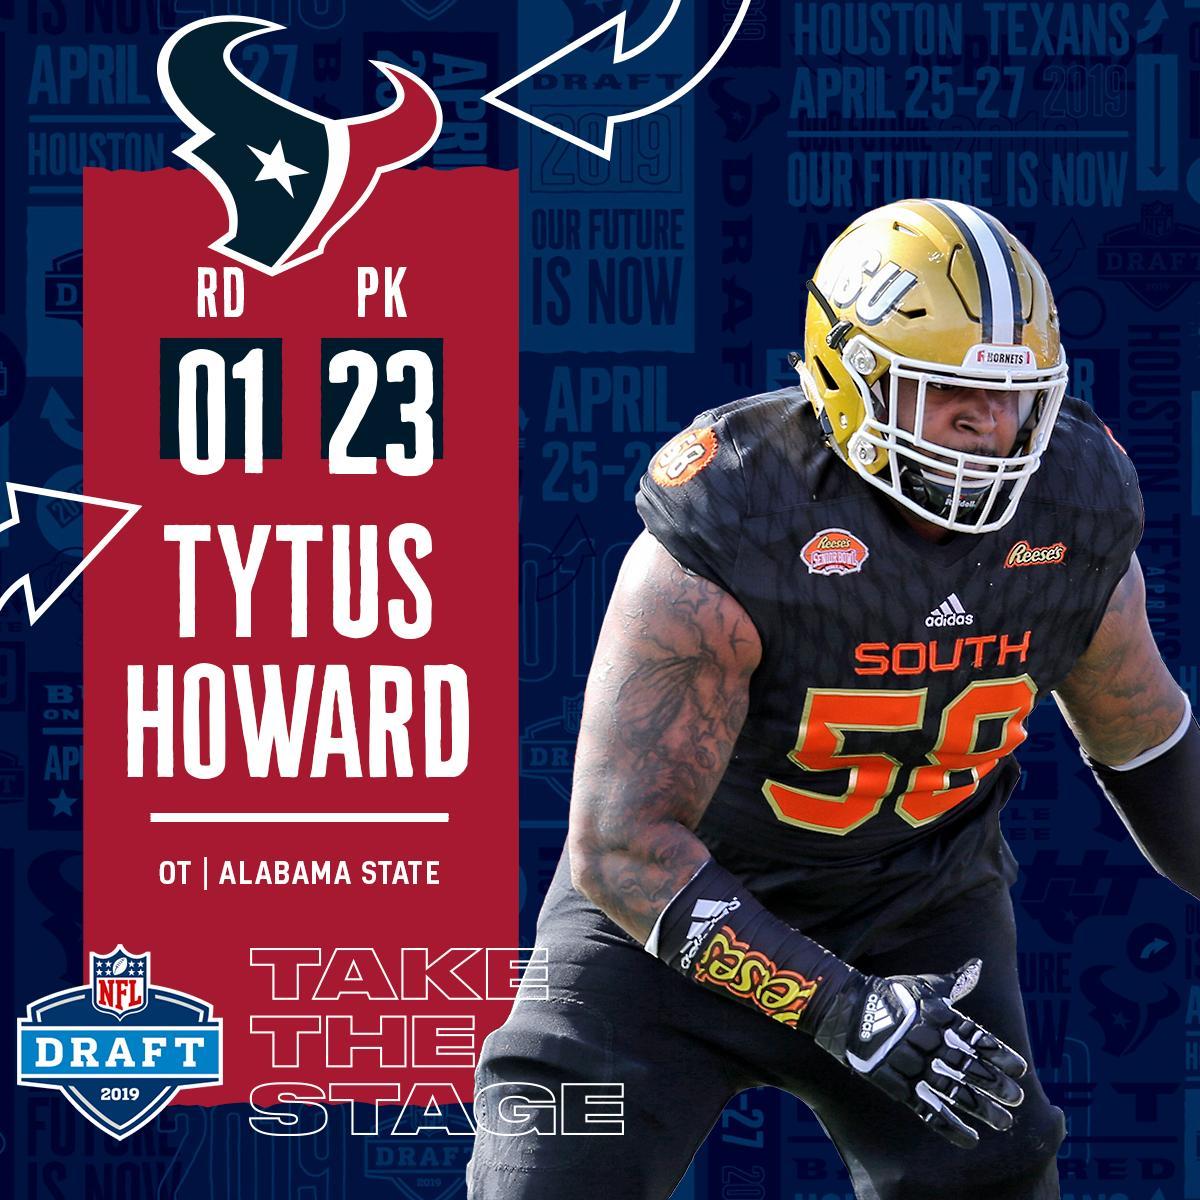 NFL's photo on Tytus Howard